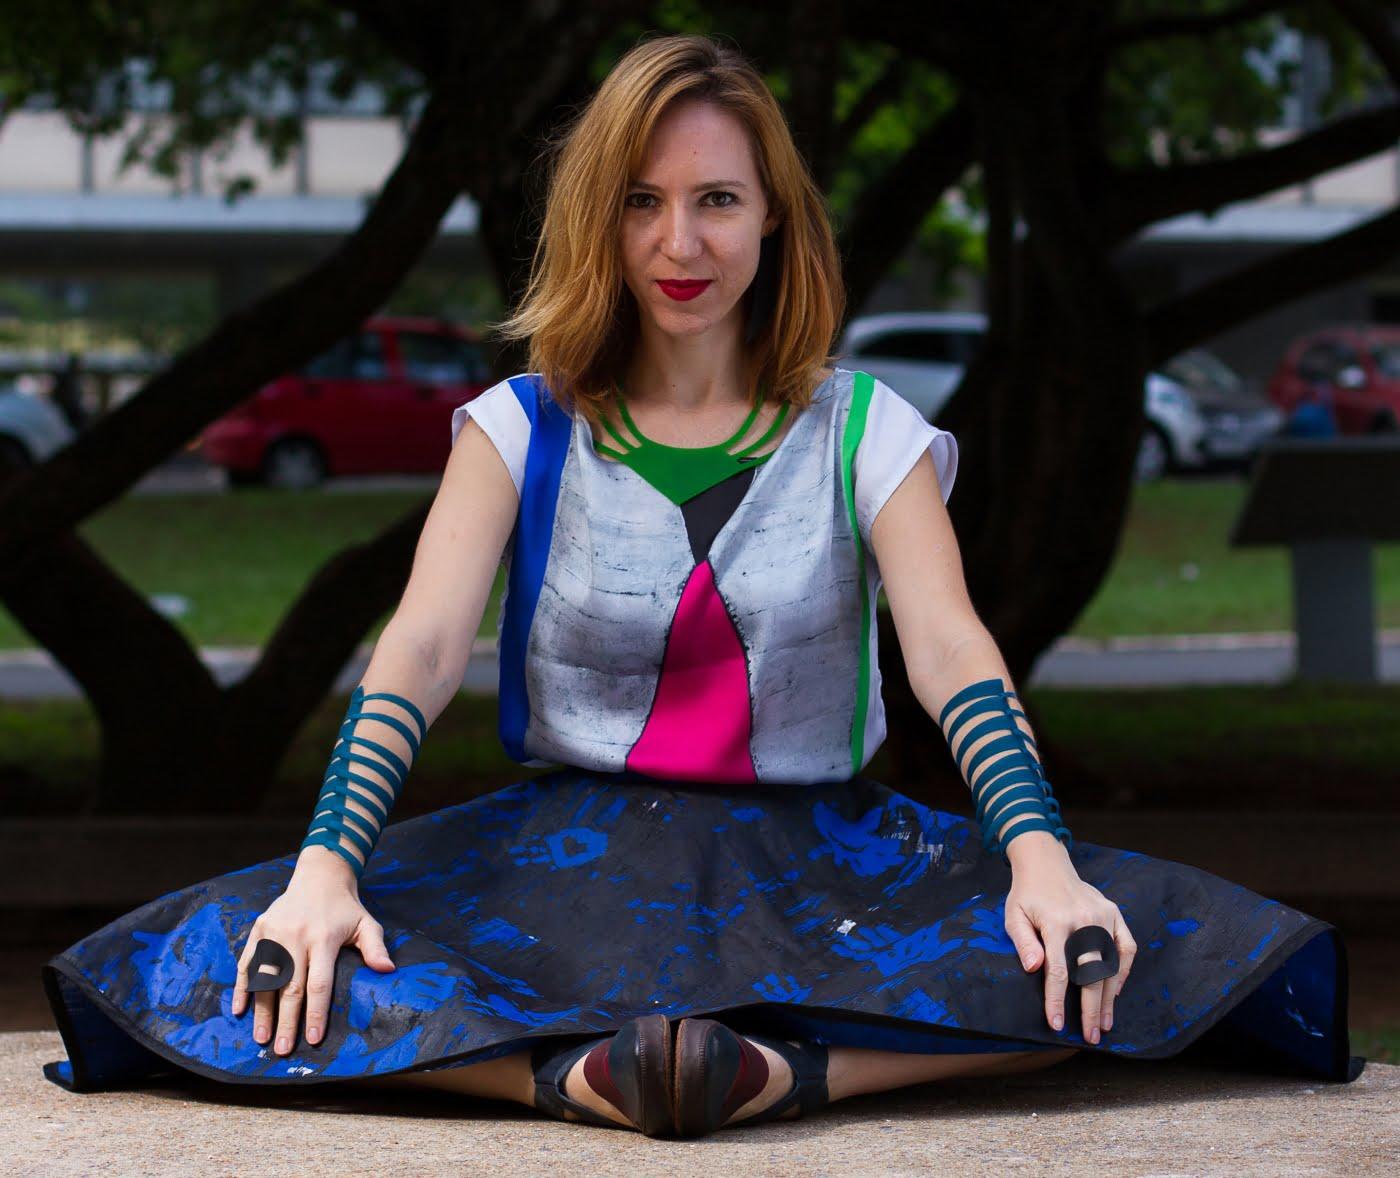 """Flavia Amadeu é pioneira no uso de uma borracha amazônica sustentável, que ela transforma em joias """"vestíveis"""". (foto: André Carvalho)"""